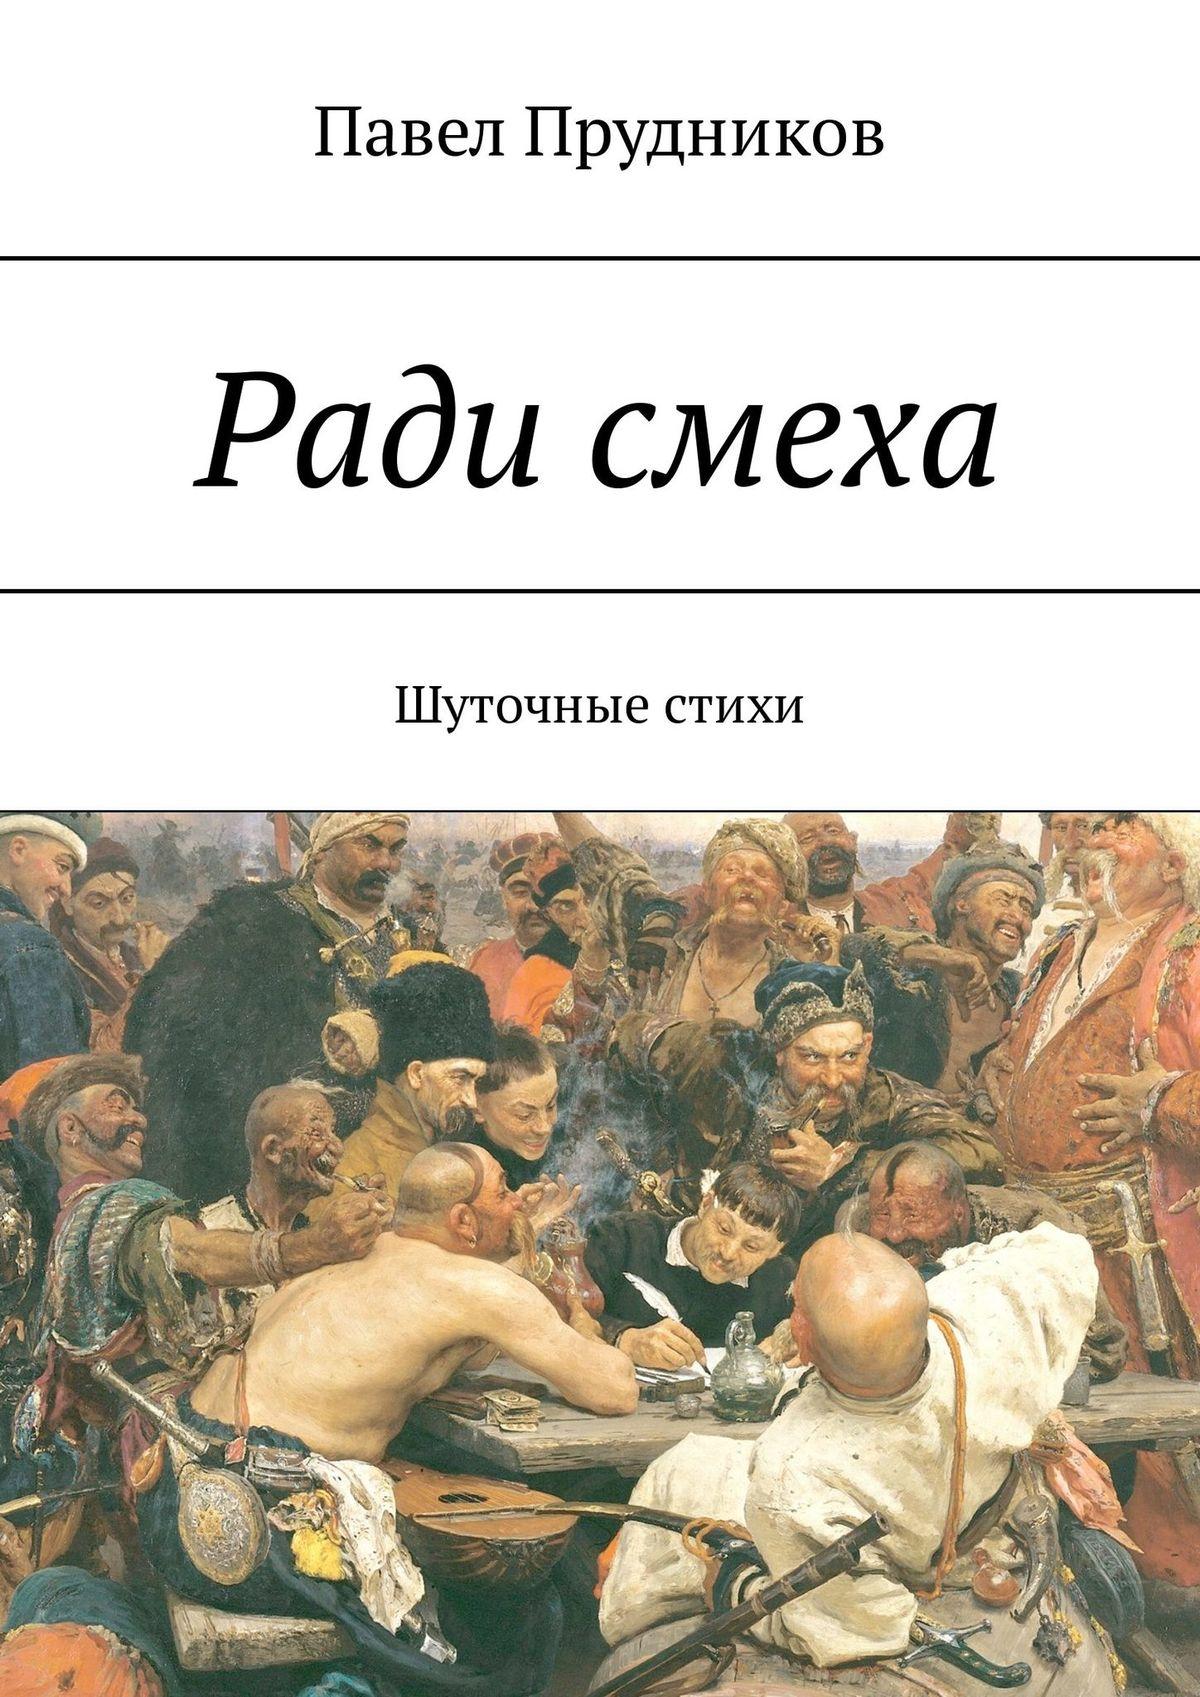 Павел Прудников Ради смеха. Шуточные стихи цены онлайн